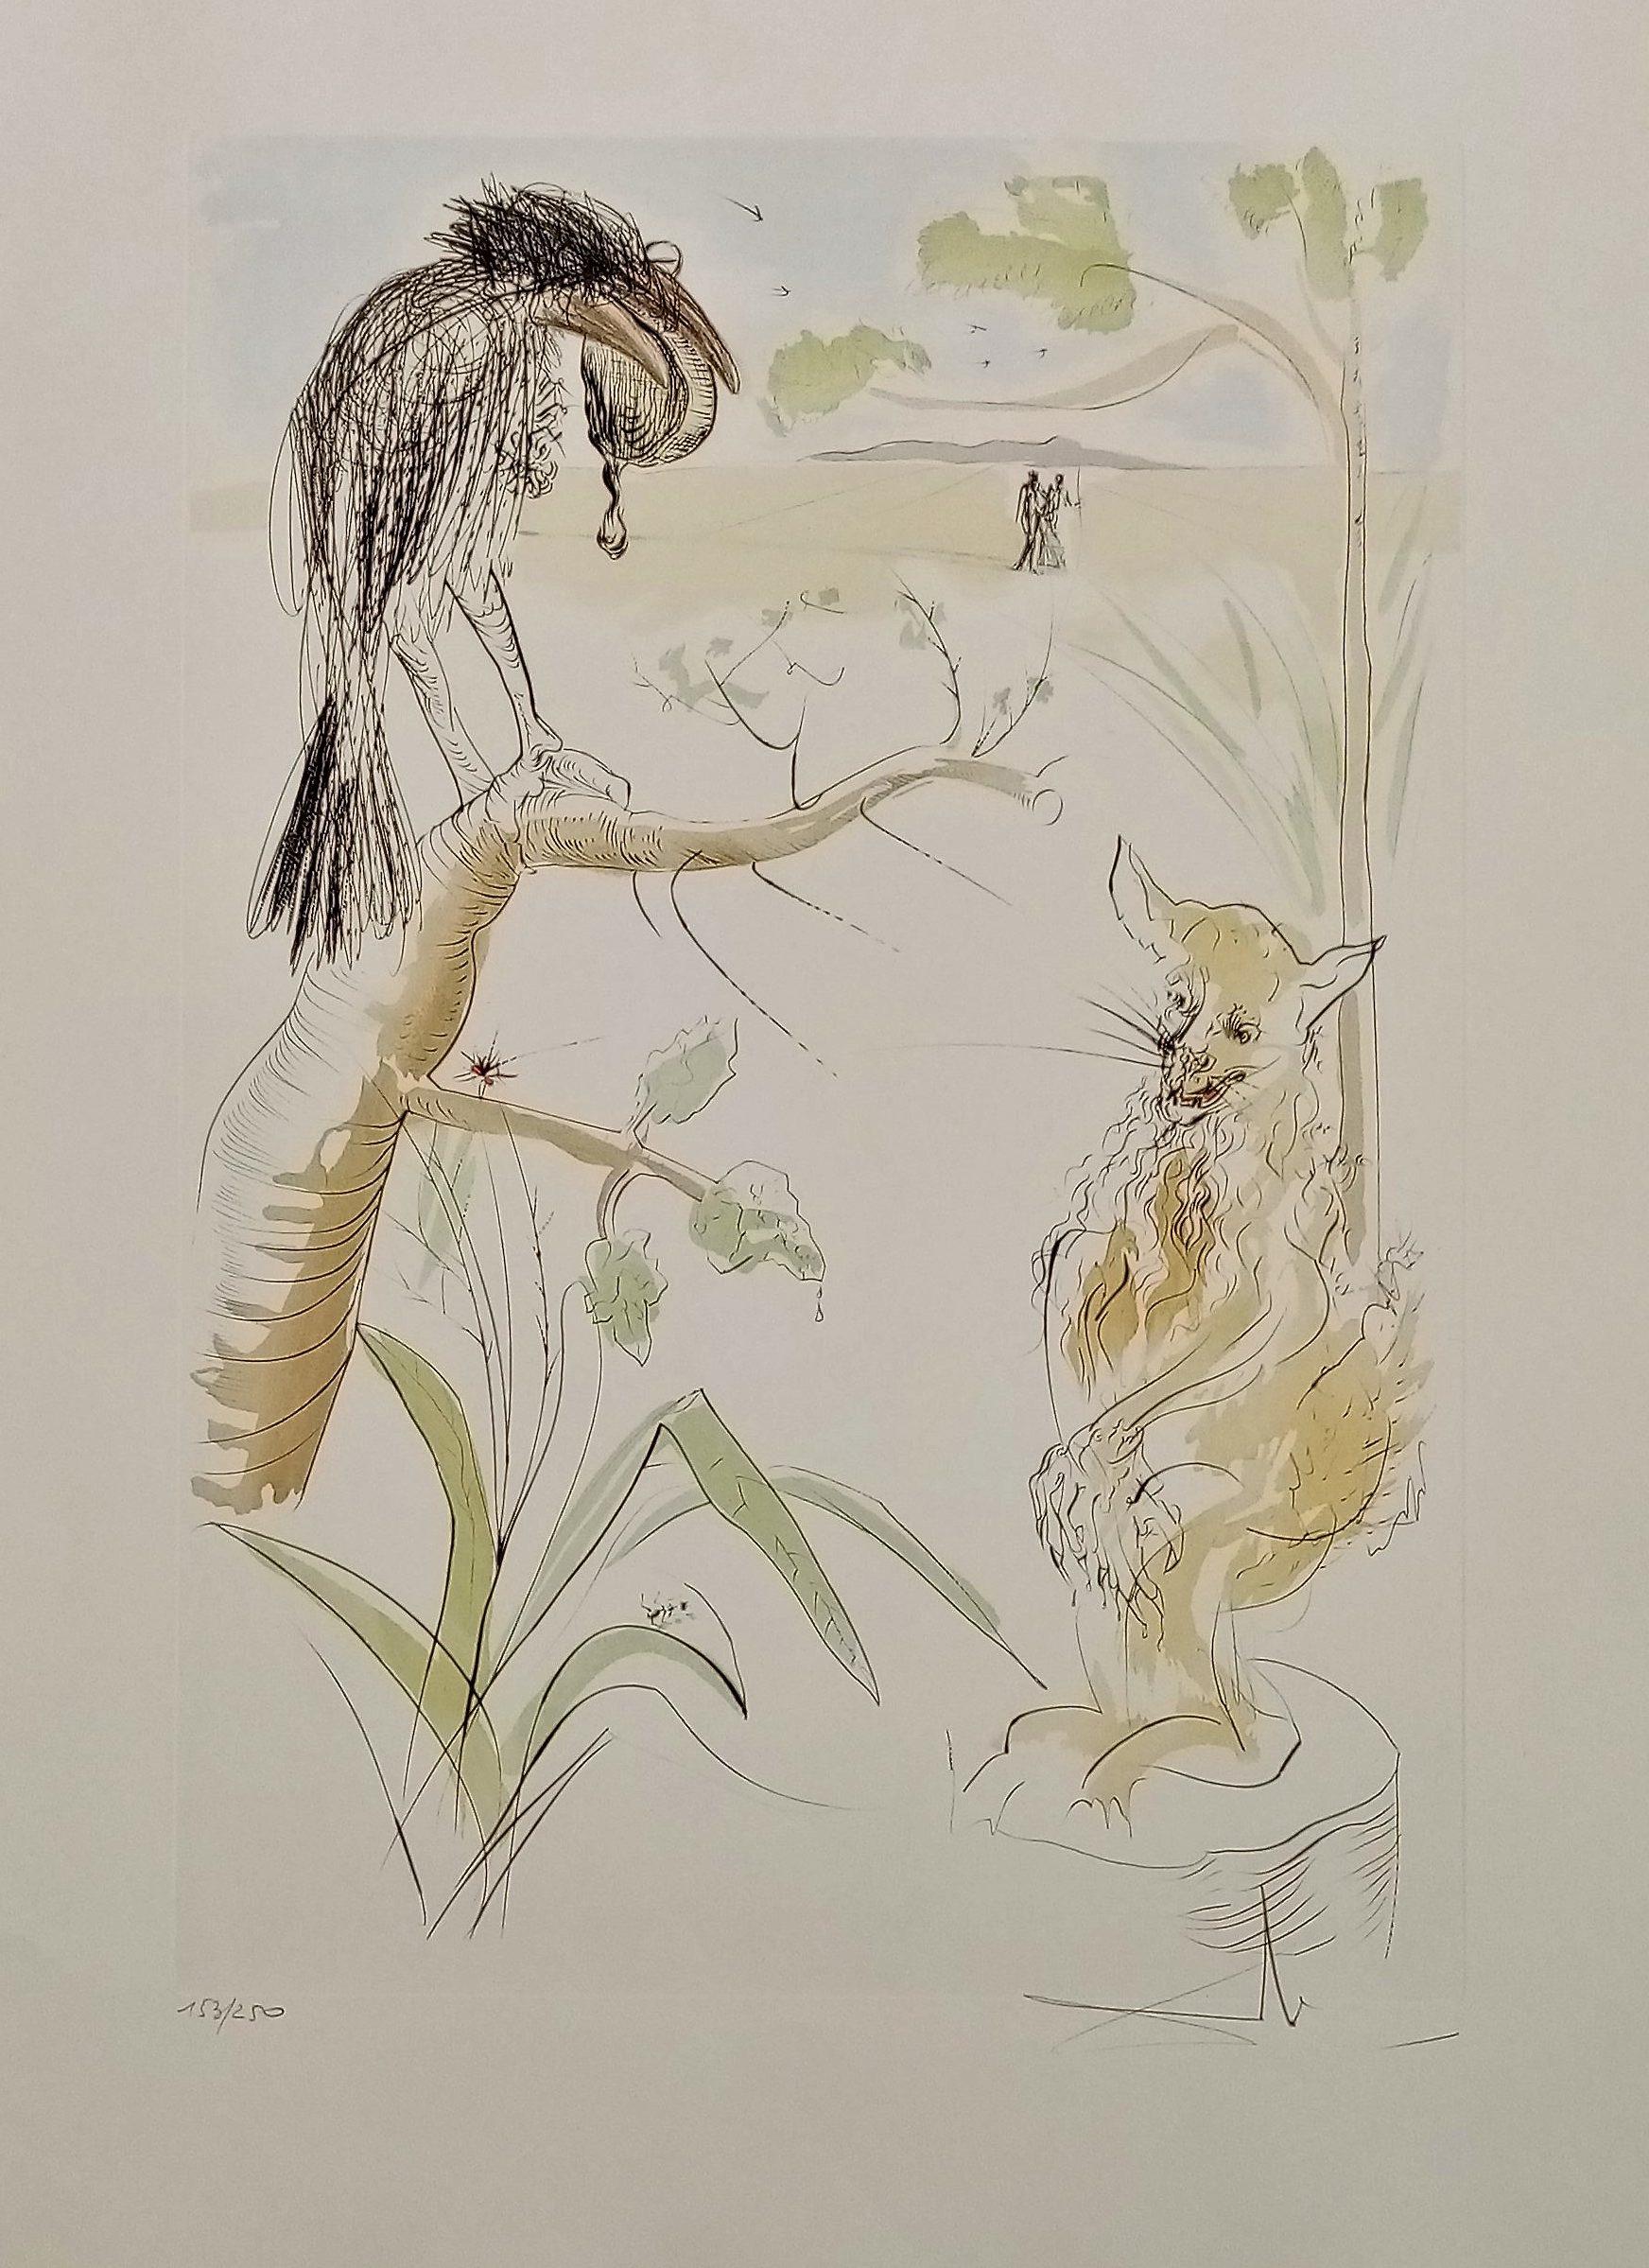 le corbeau et le renard bestiaire de la fontaine dali